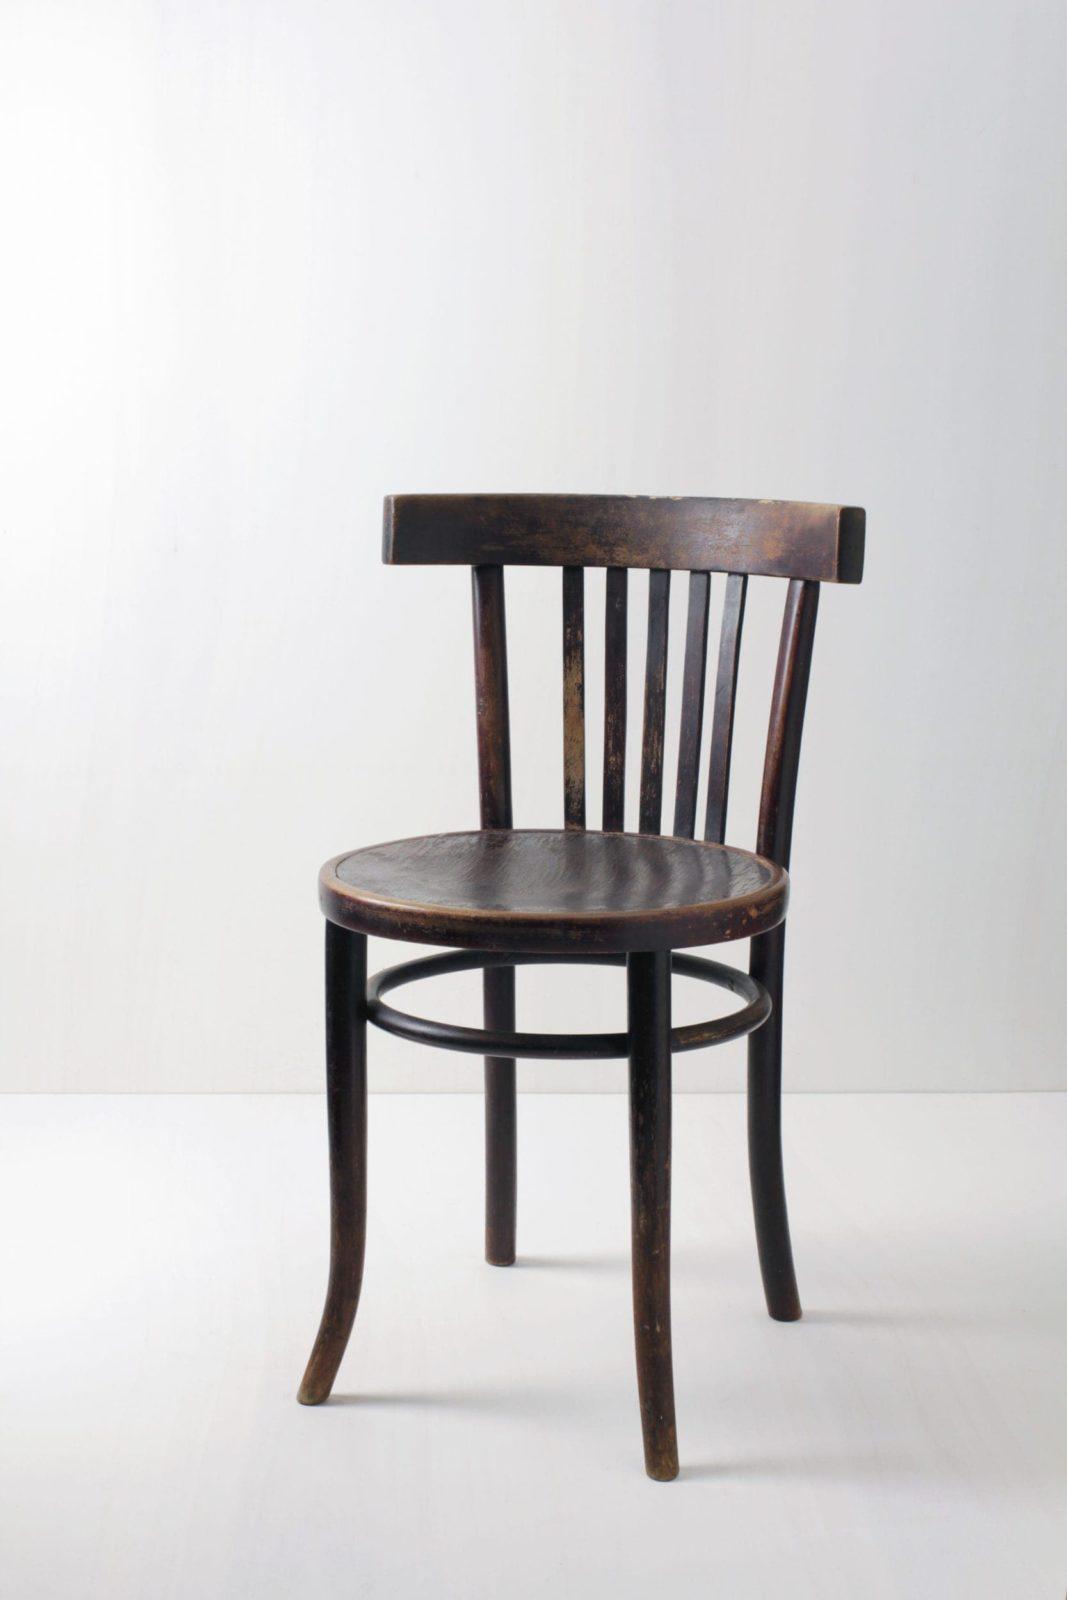 Bugholzstuhl Rafael | Stuhl mit gebogener Rückenlehne und schöner Patina. | gotvintage Rental & Event Design